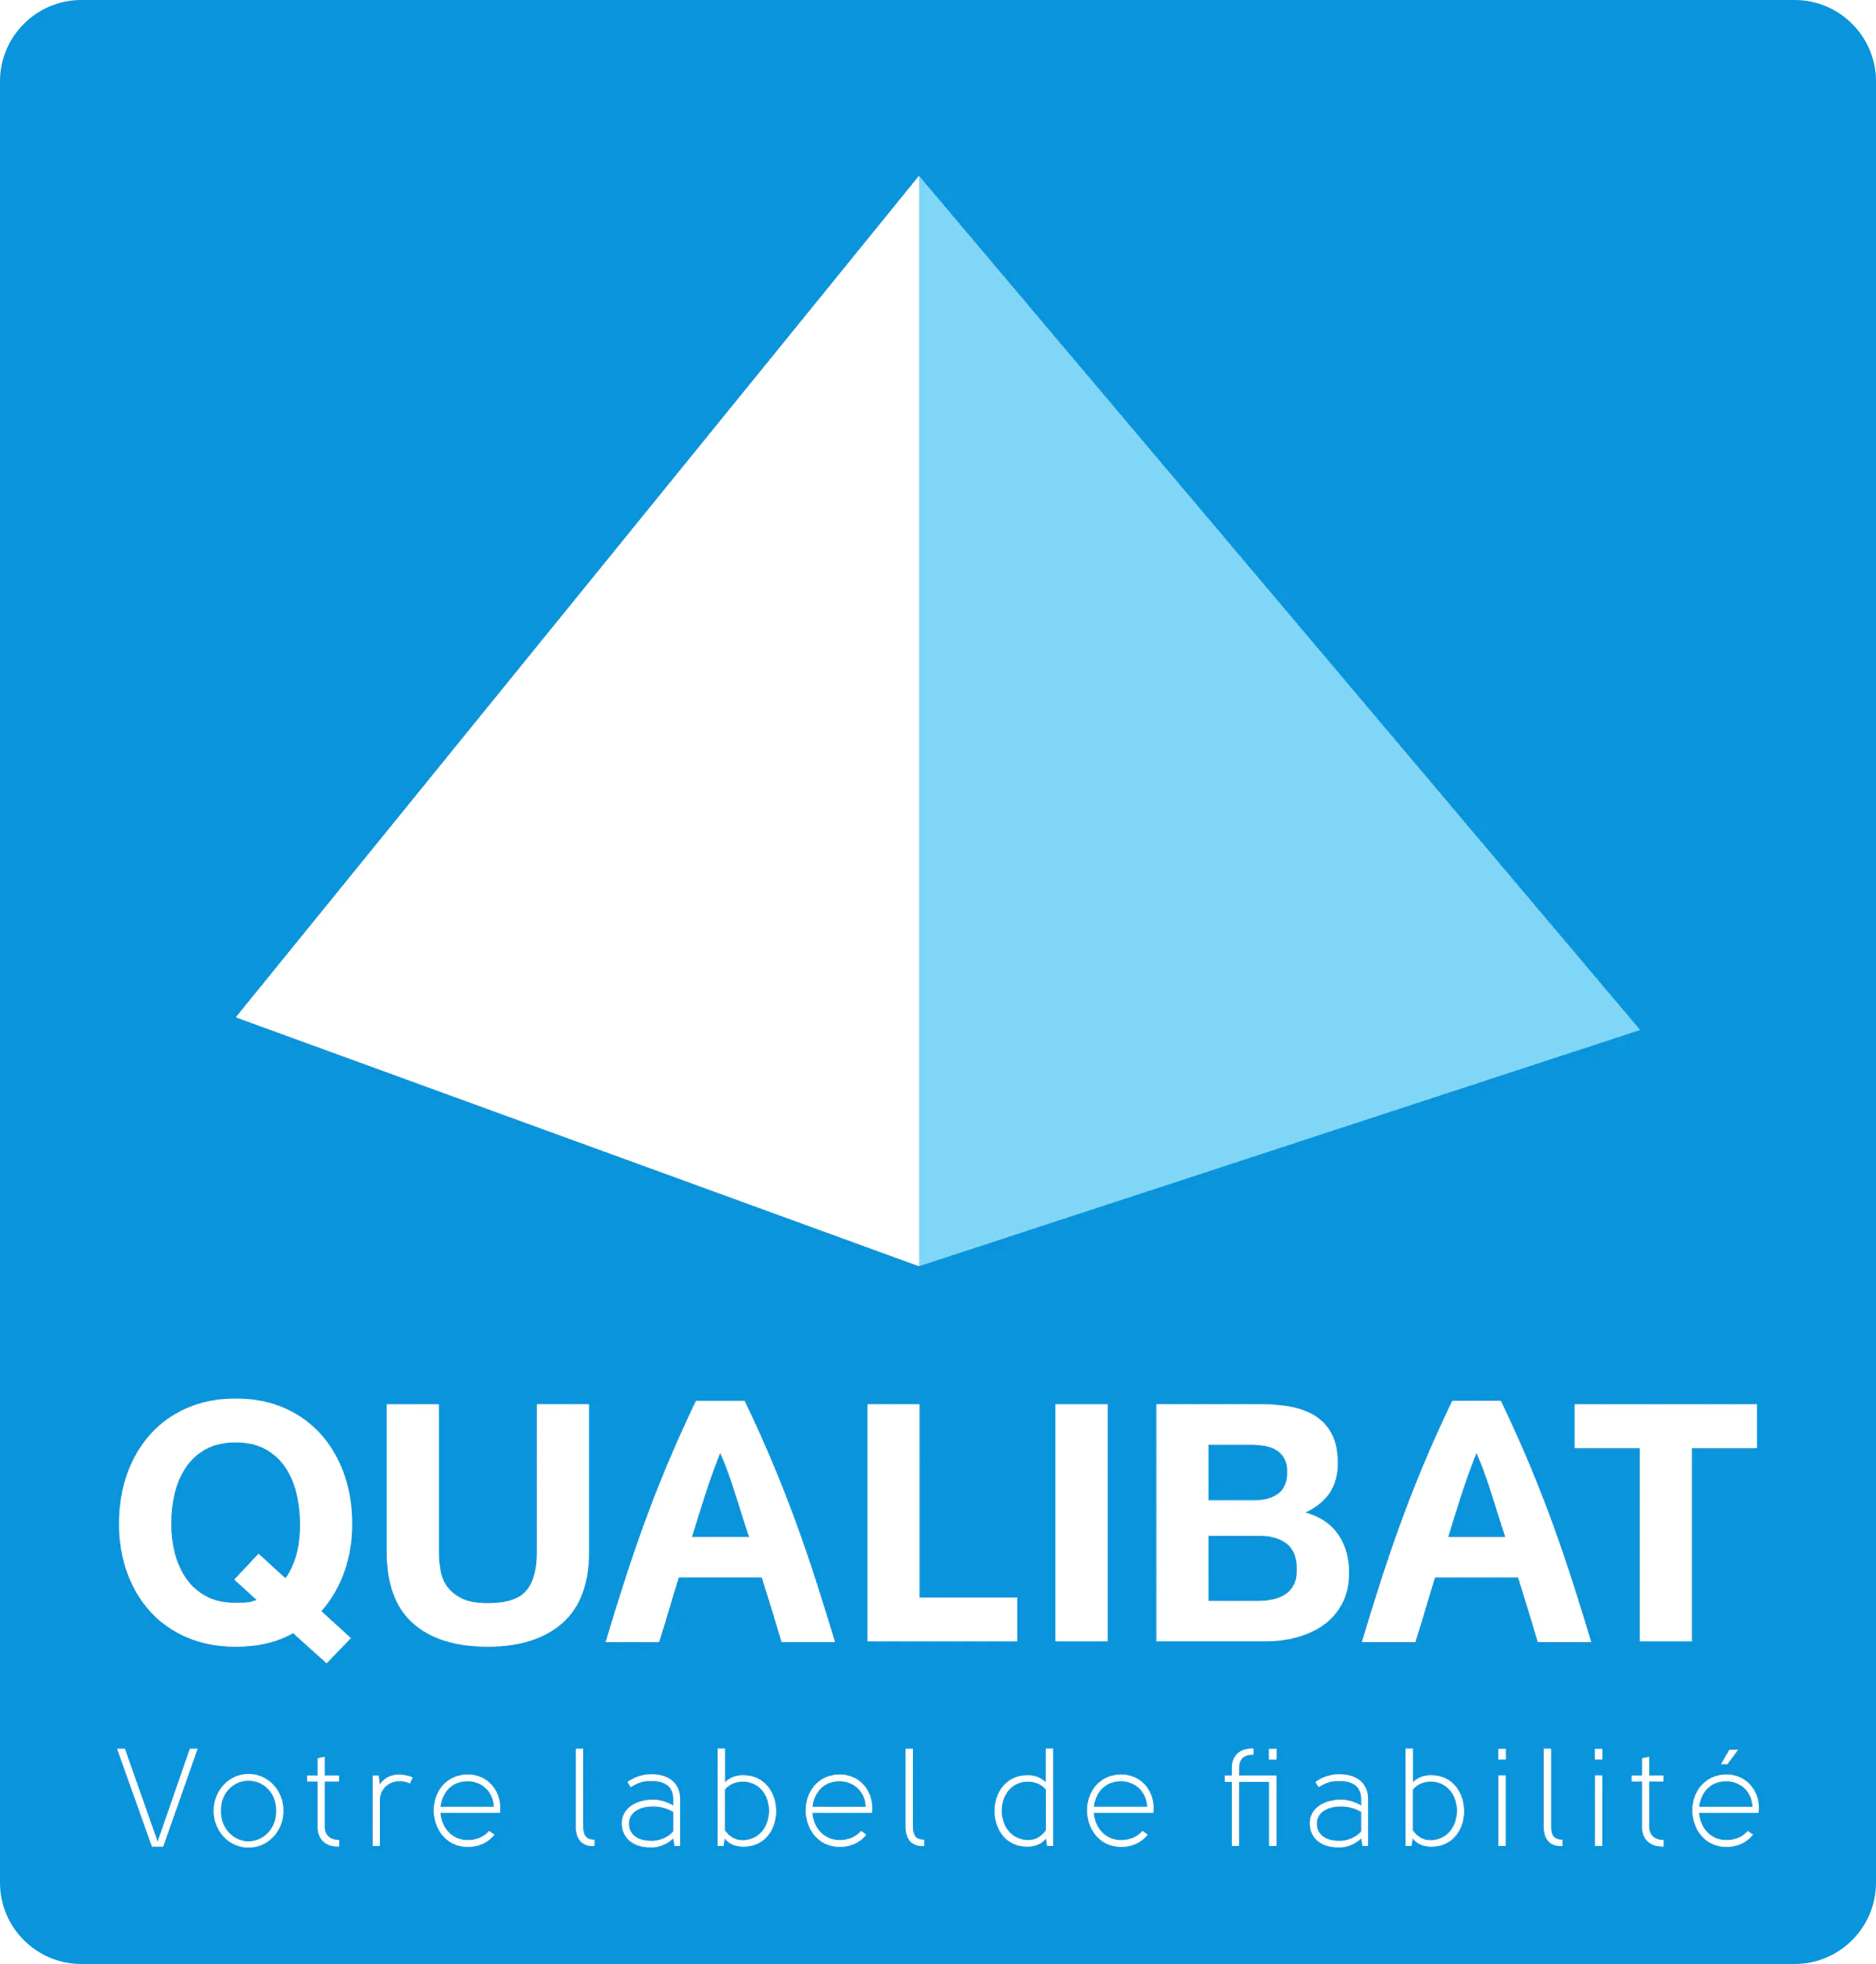 Morbihannaise Bâtiment Gros Œuvre Morbihan Entreprise Construction Label Qualibat